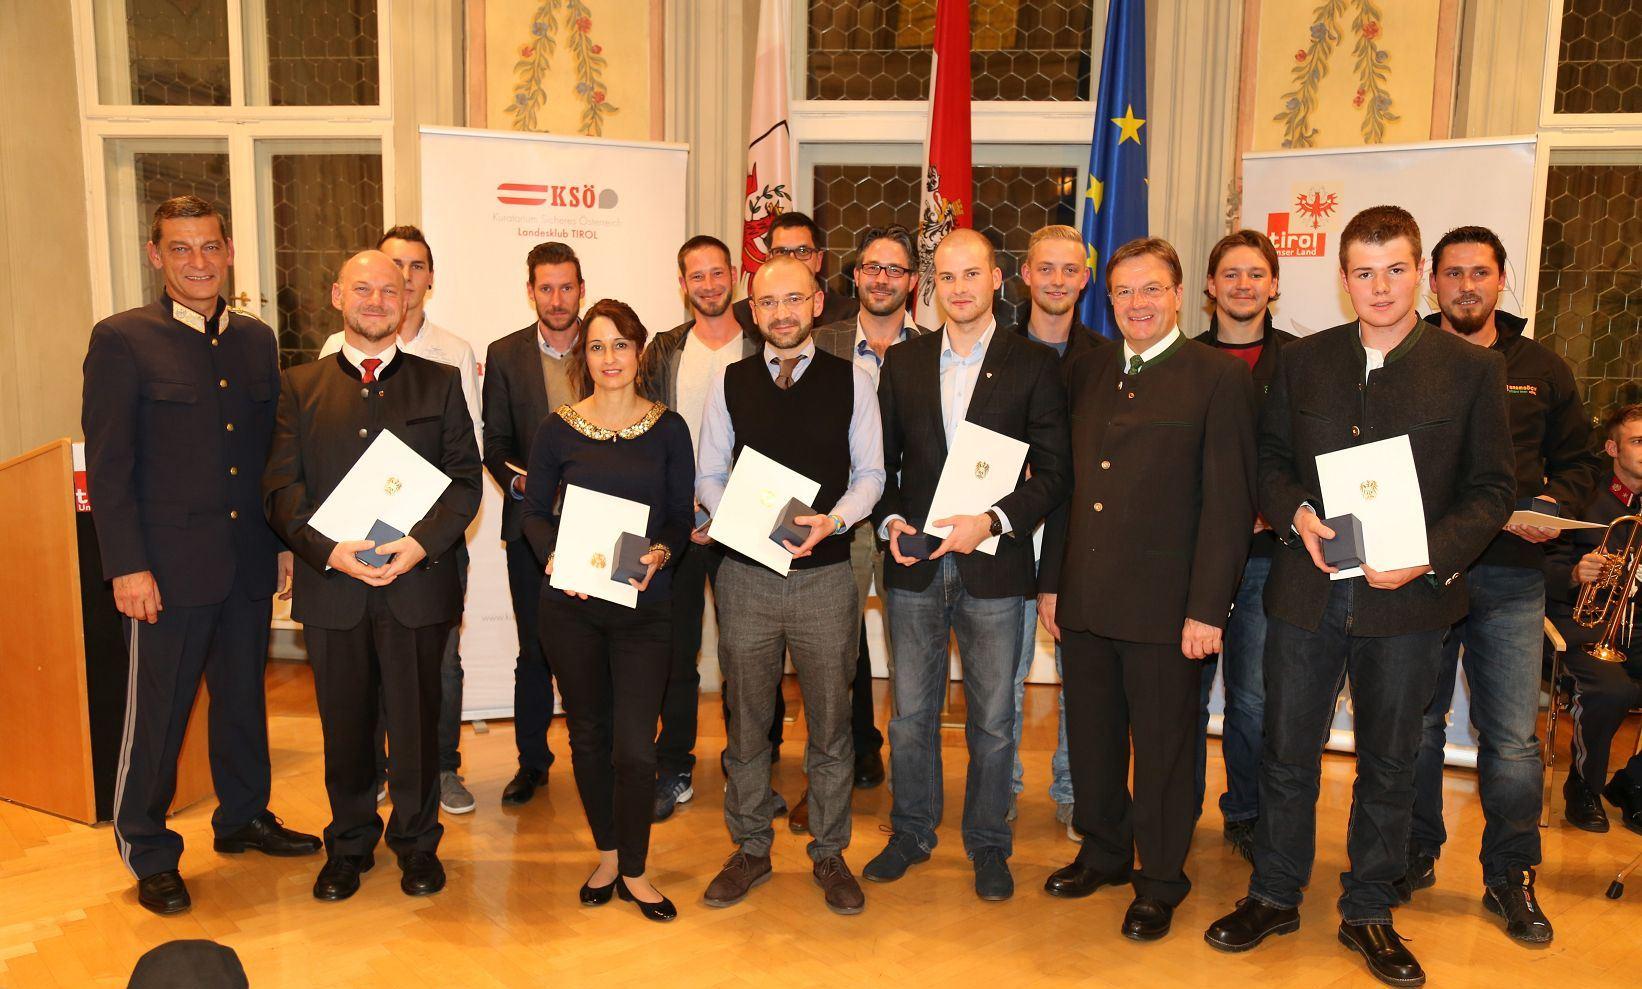 KSÖ-Tirol Präsident Mag. Helmut Tomac und Landeshauptmann Günther Platter mit den geehrten Zivilpersonen.